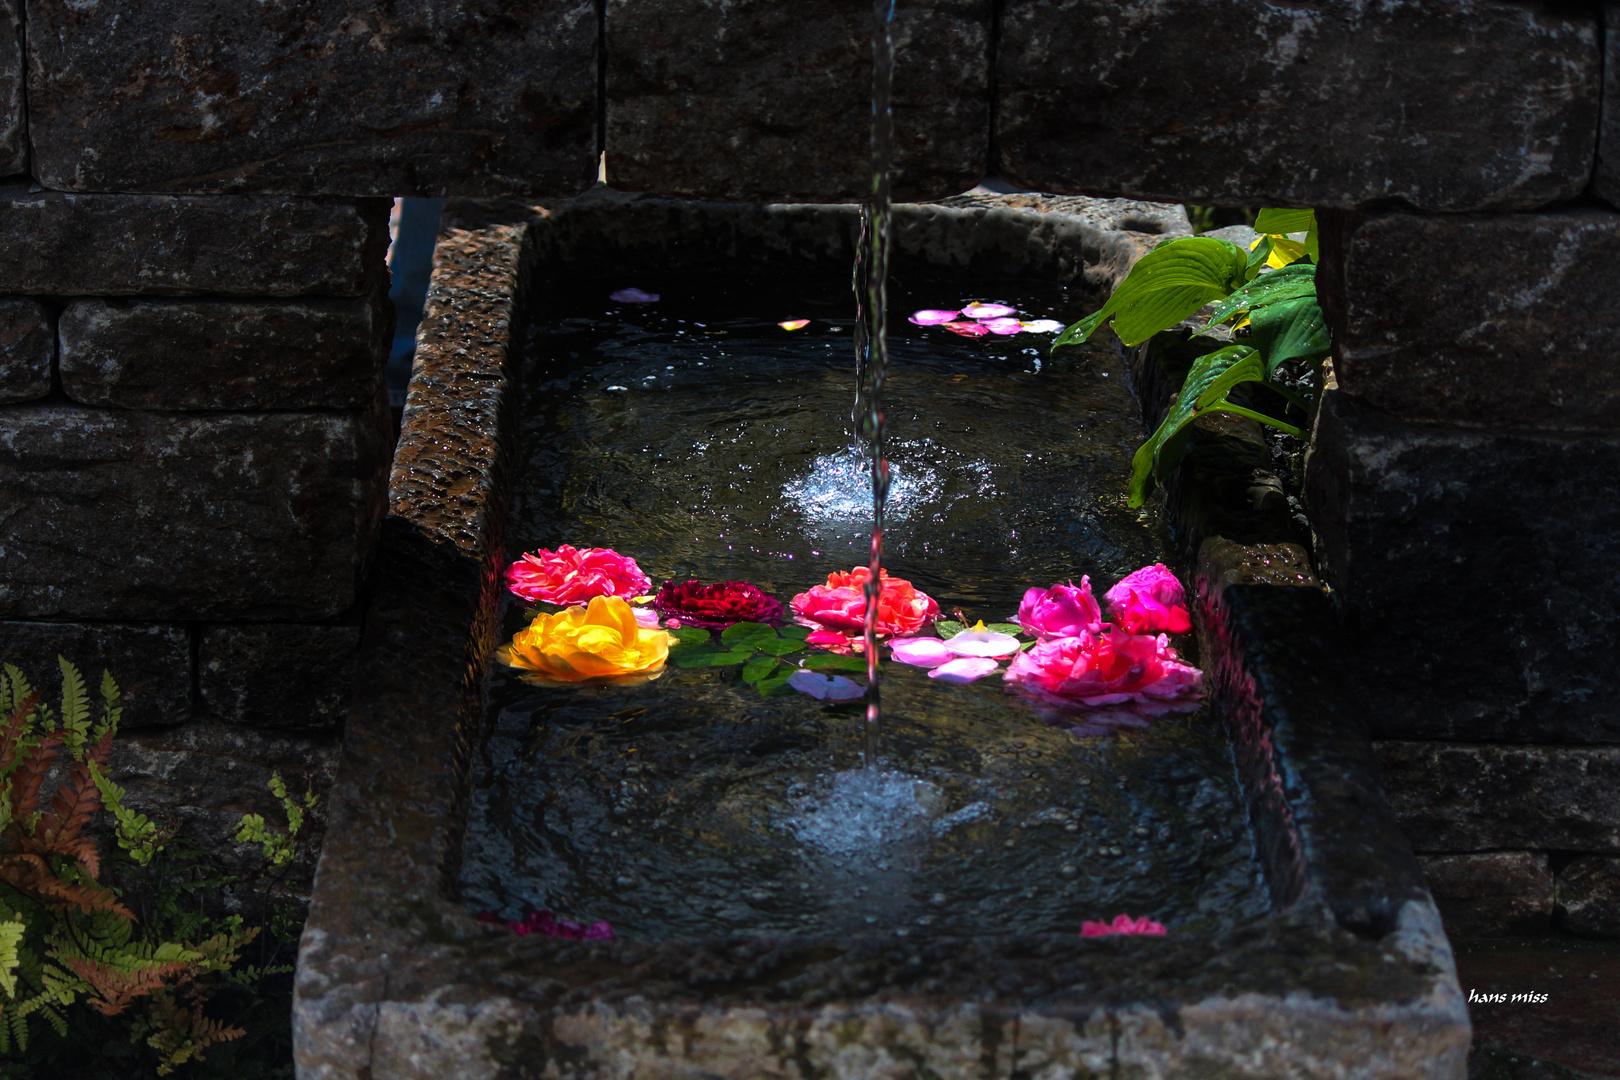 Wasserspiel mit Rosenblüten